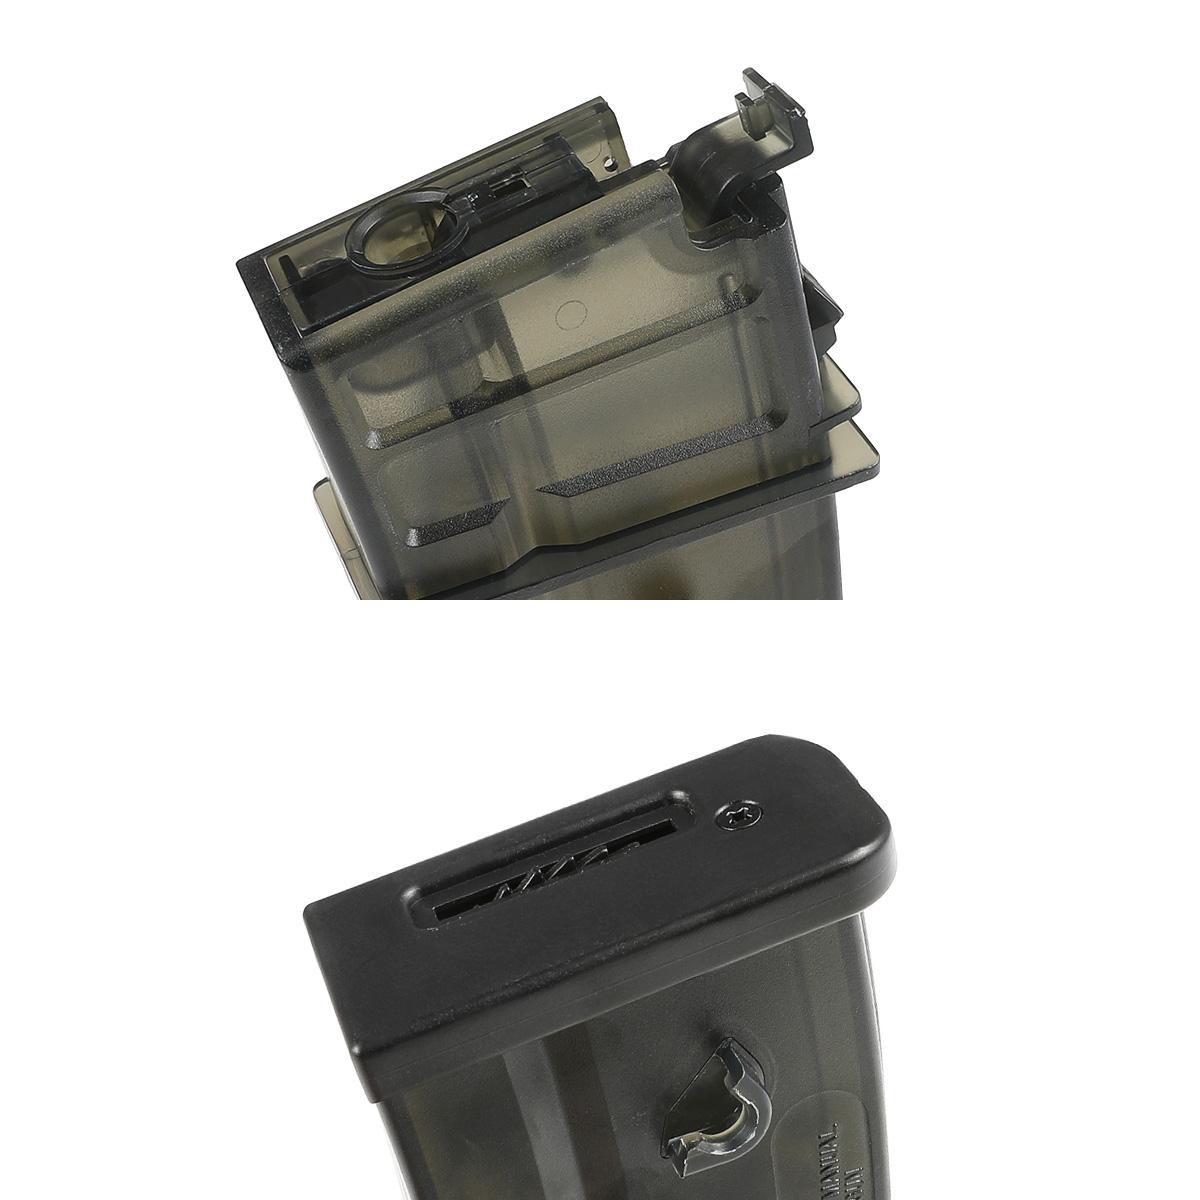 【同梱不可】 SRC H&K XM8-C フルサイズ電動ガン NV Desert (JP Ver.) 【配送業者:佐川急便限定】